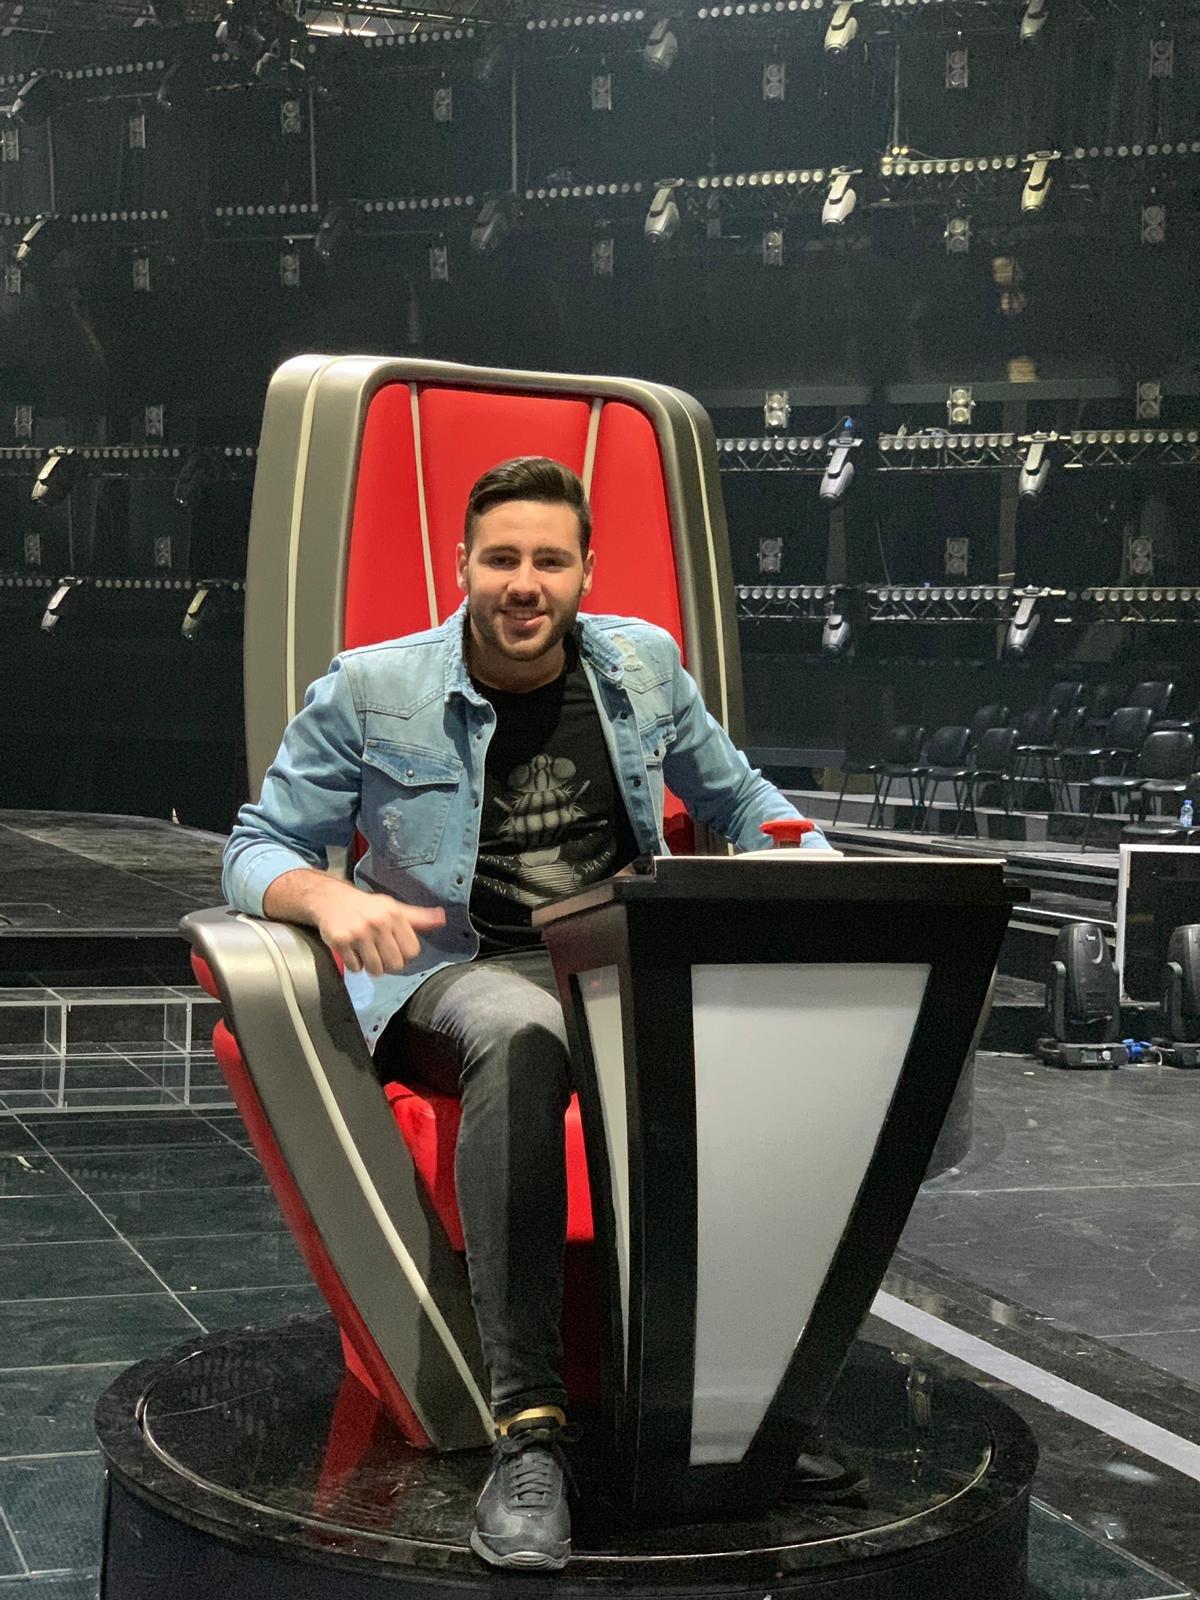 النجم الفلسطينيطارق كيوف يشارك في The Voice أم بي سي